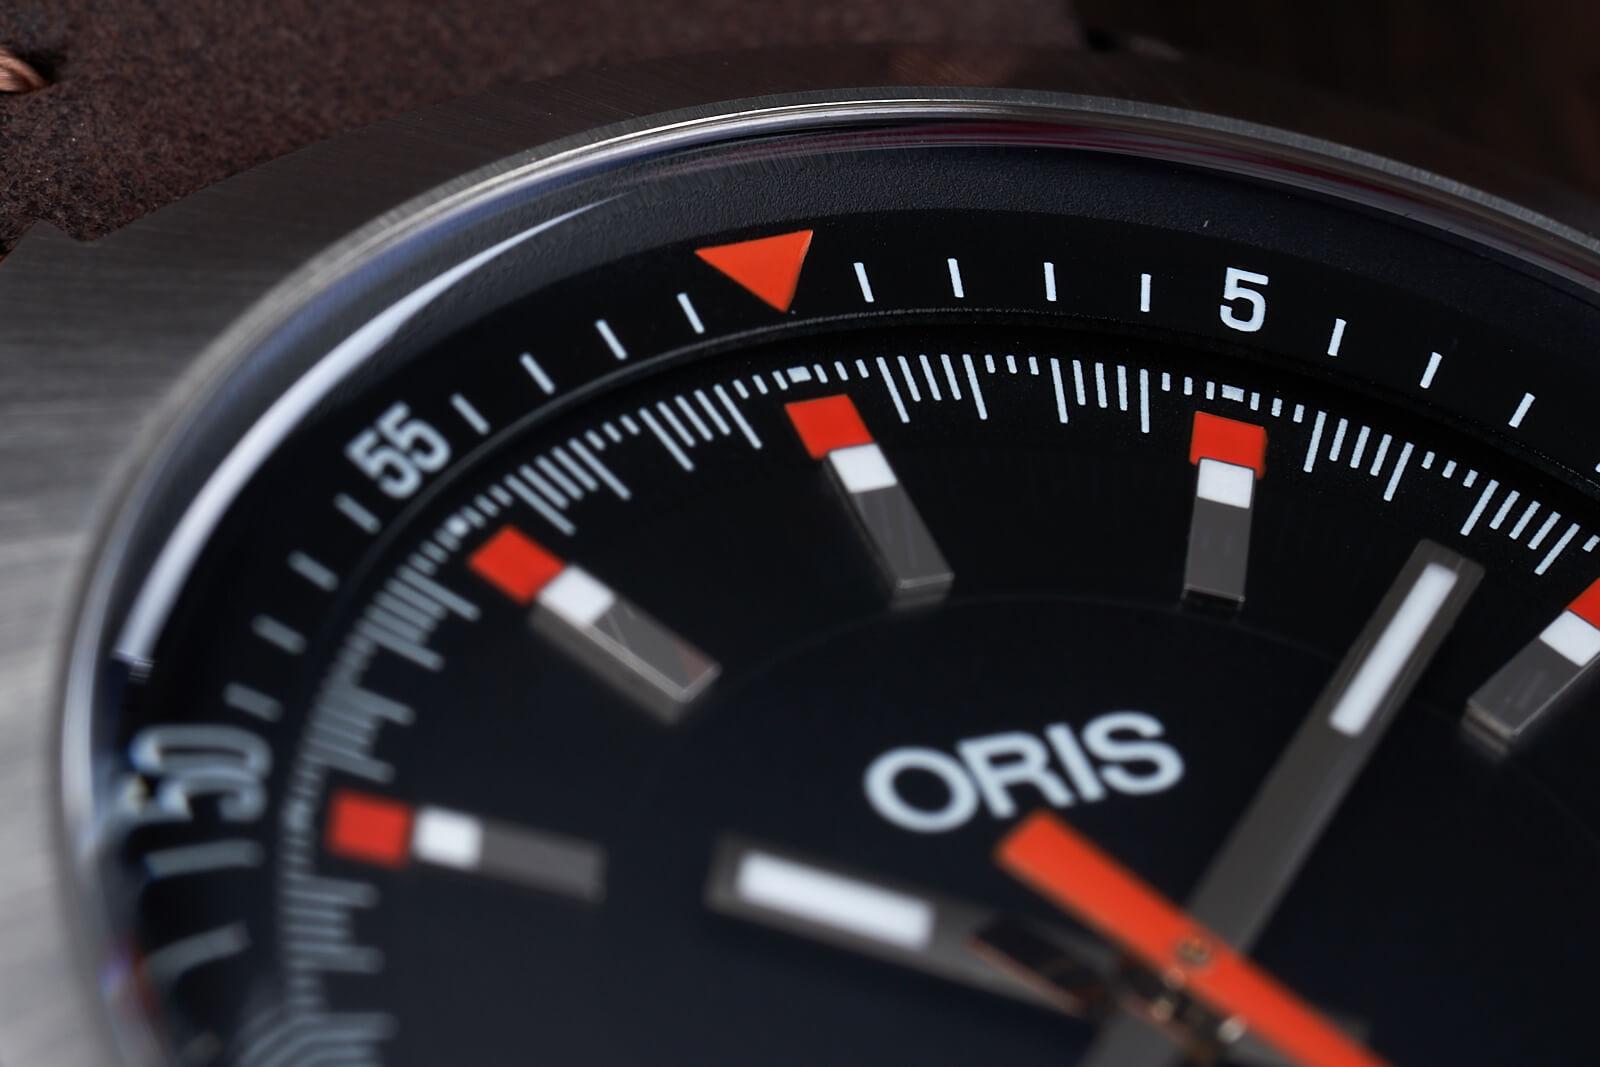 Oris-ChronOris-Date-0-26